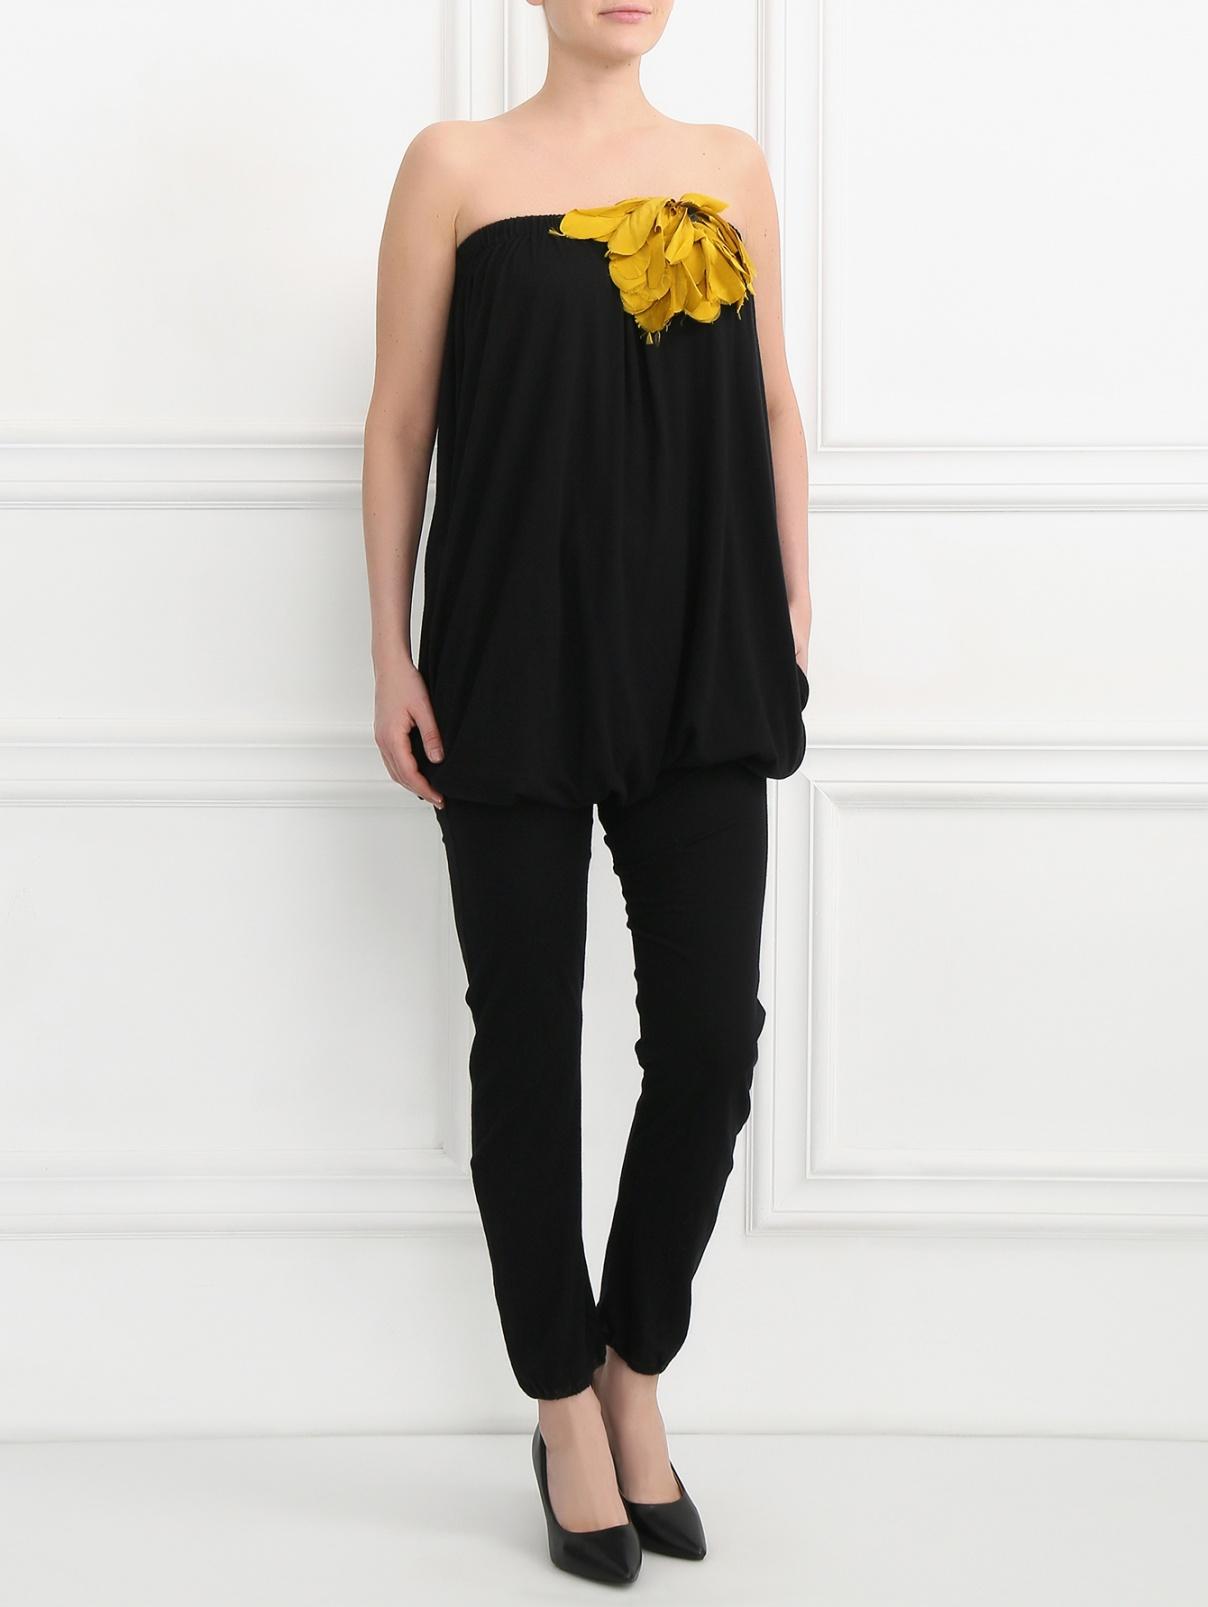 Комбинезон из хлопка с декоративным цветком Lanvin  –  Модель Общий вид  – Цвет:  Черный